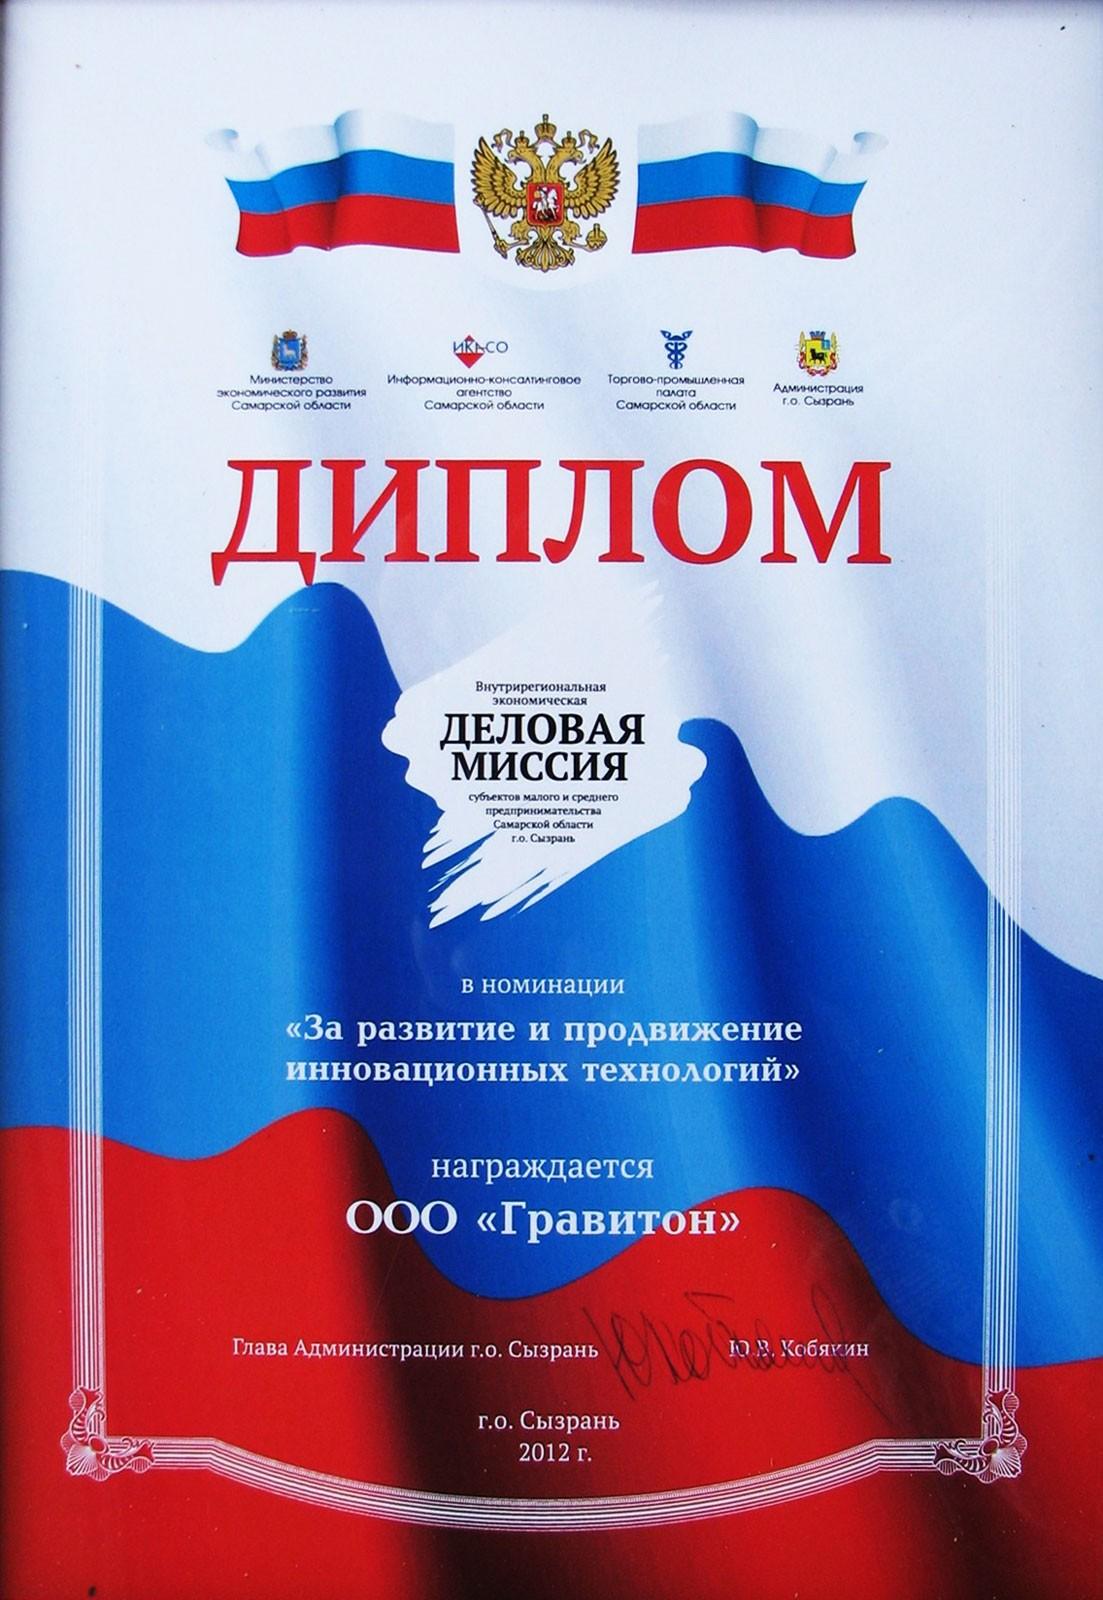 Диплом Деловая миссия 2012